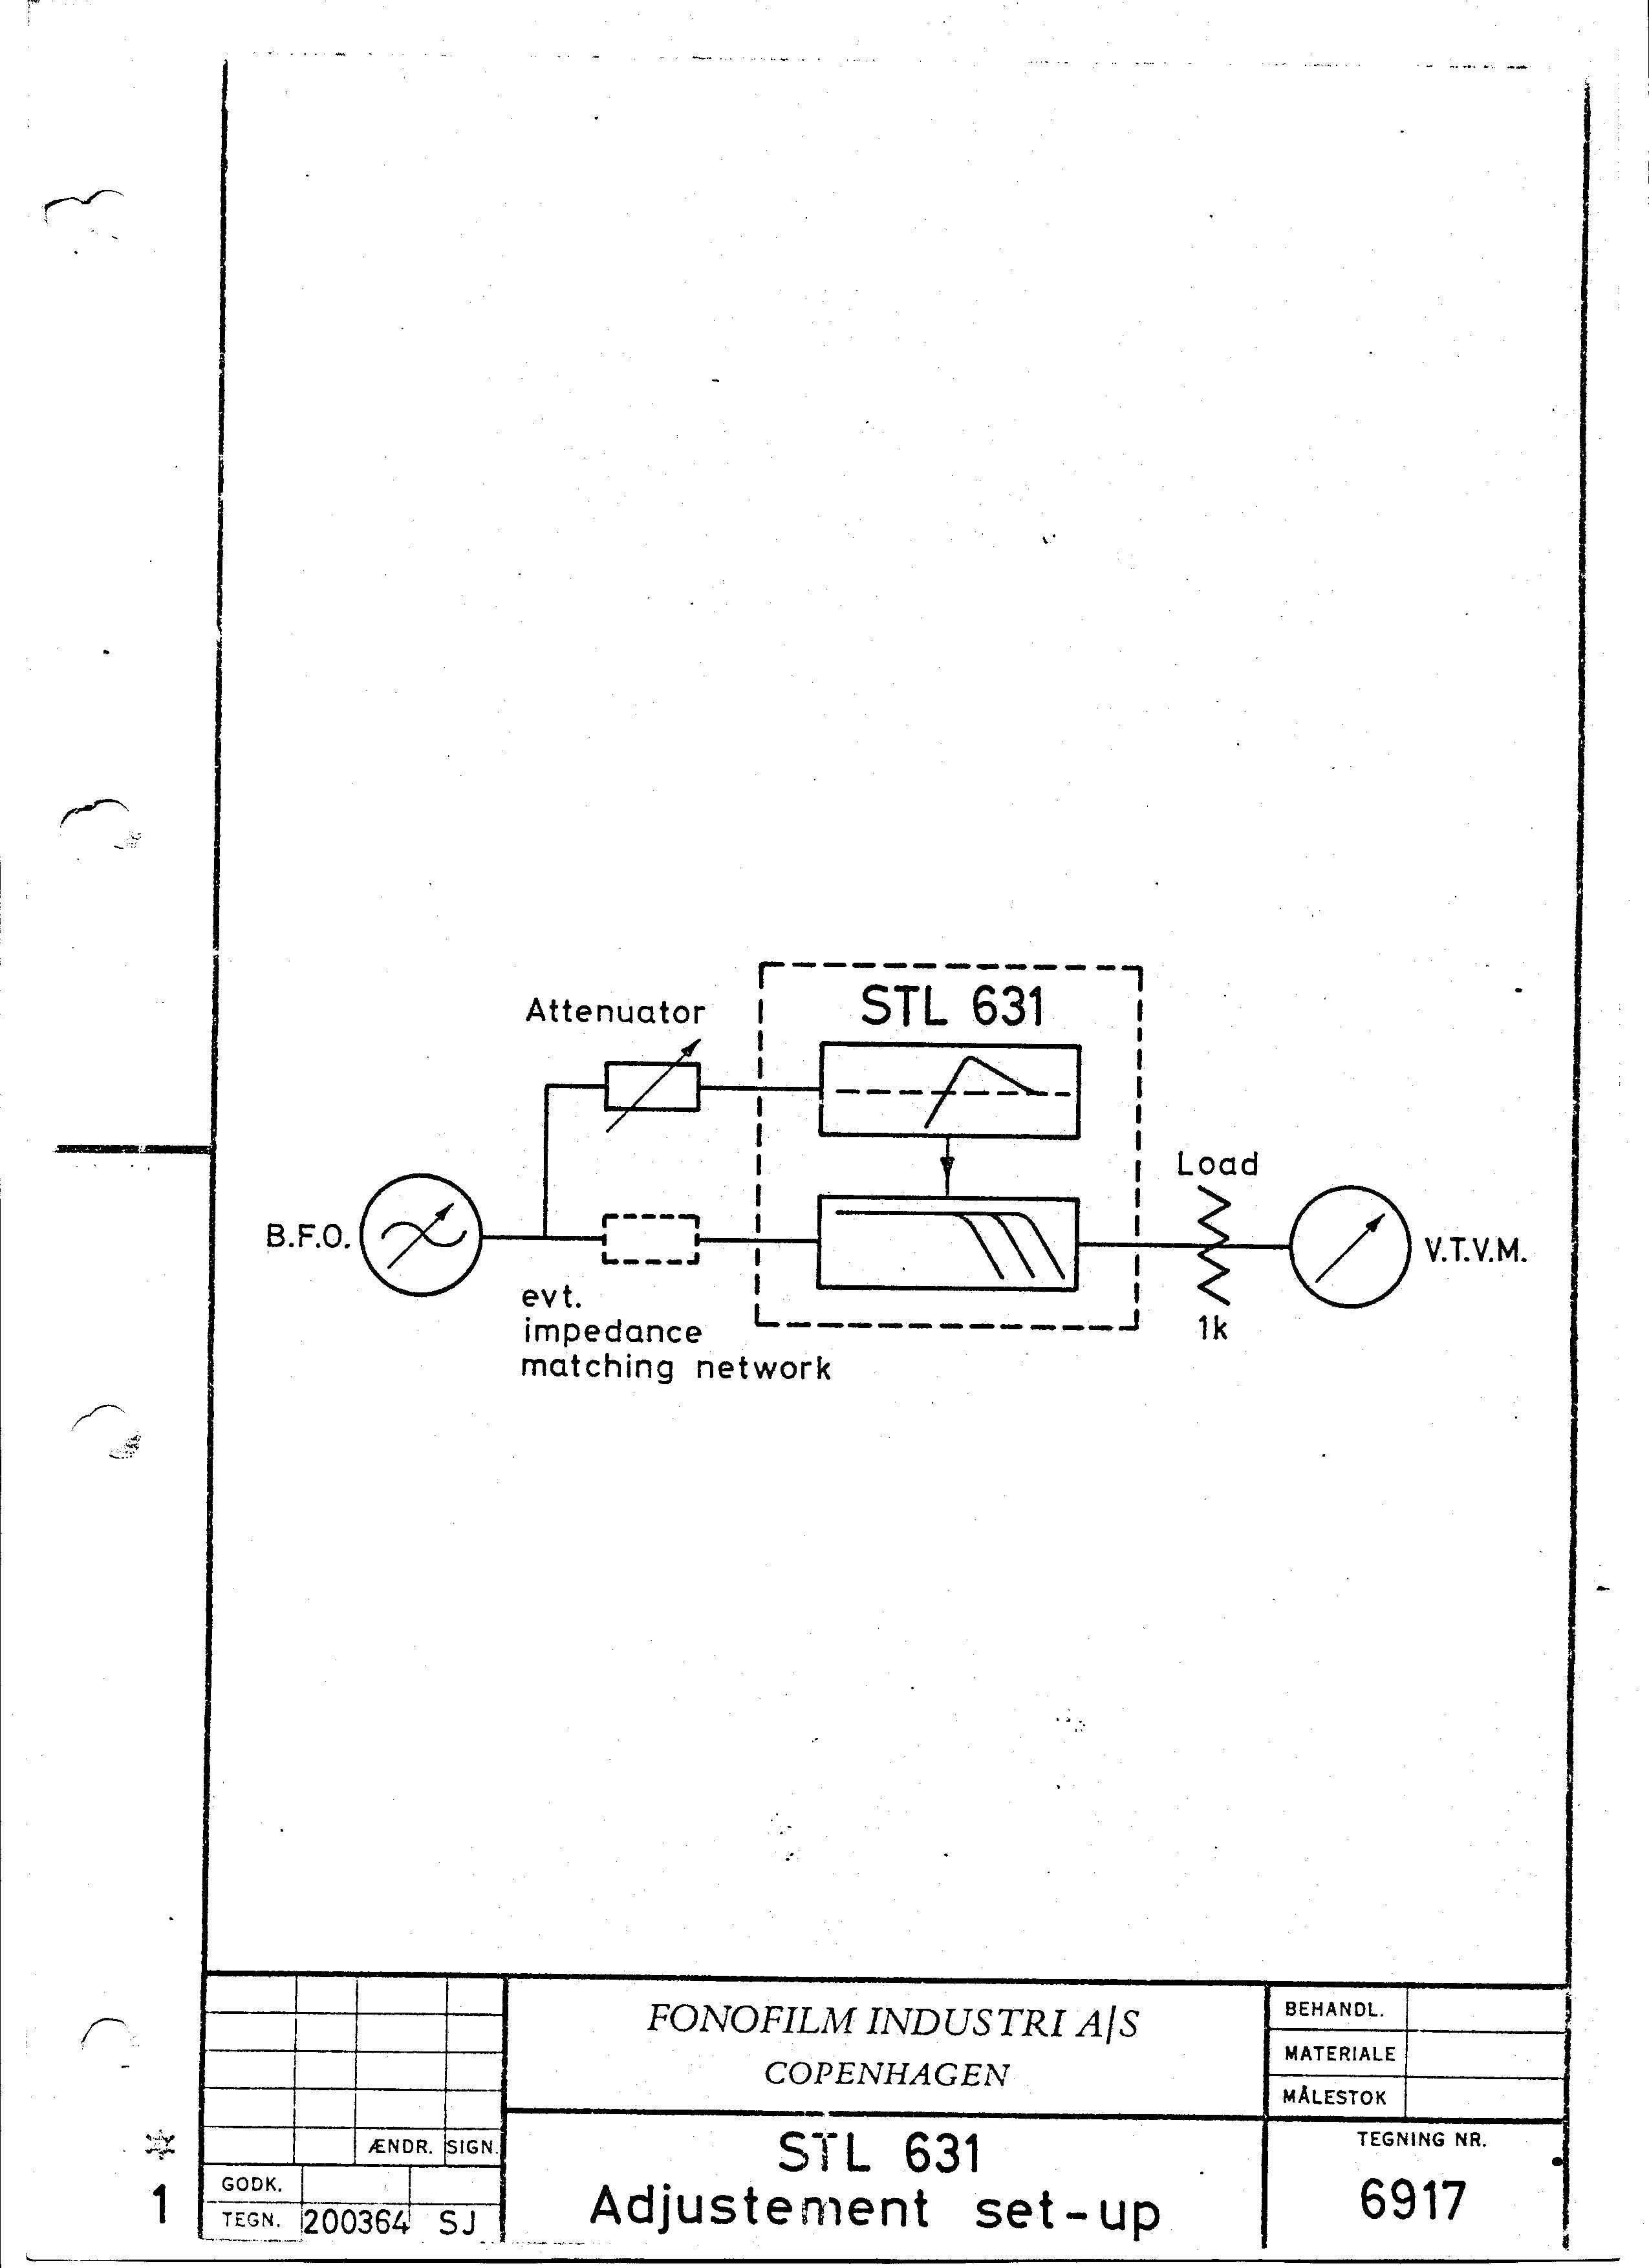 Ausgezeichnet Blockschaltplan Bilder - Elektrische Schaltplan-Ideen ...